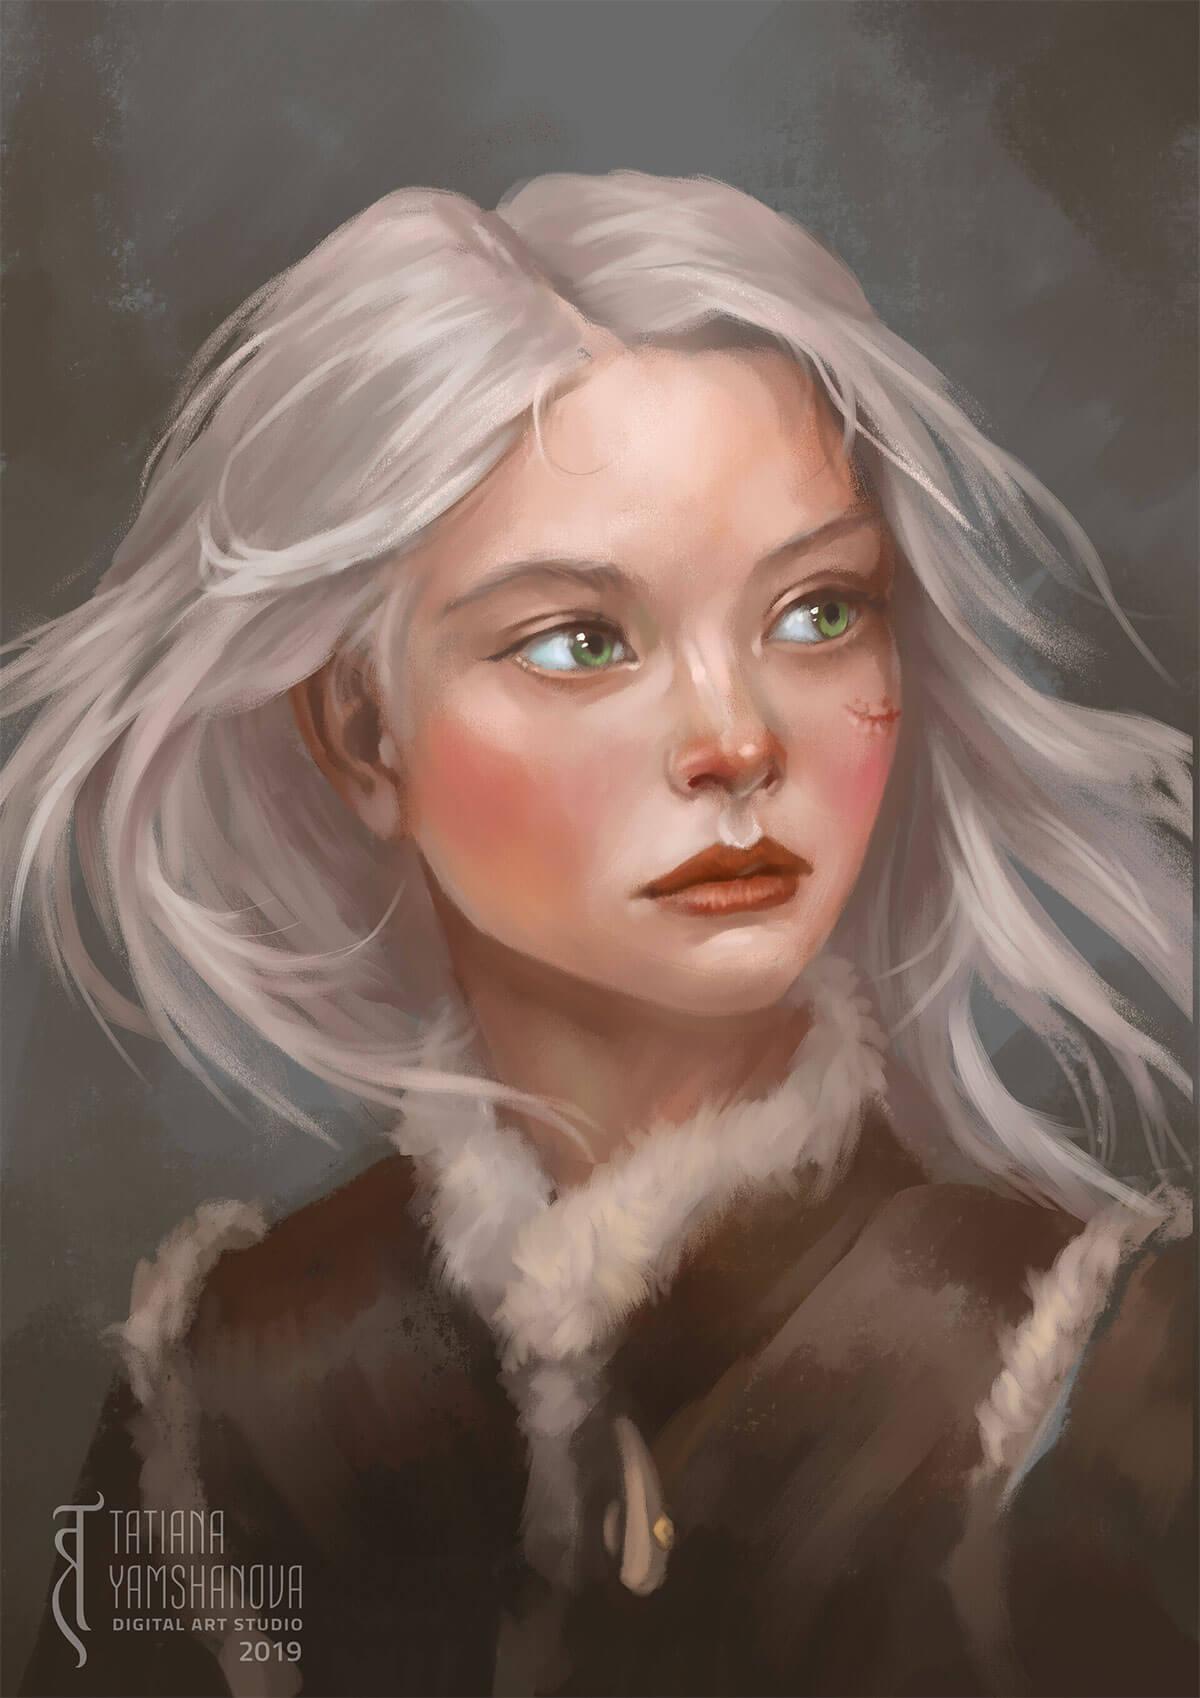 Ciri fanart by Tatiana Yamshanova